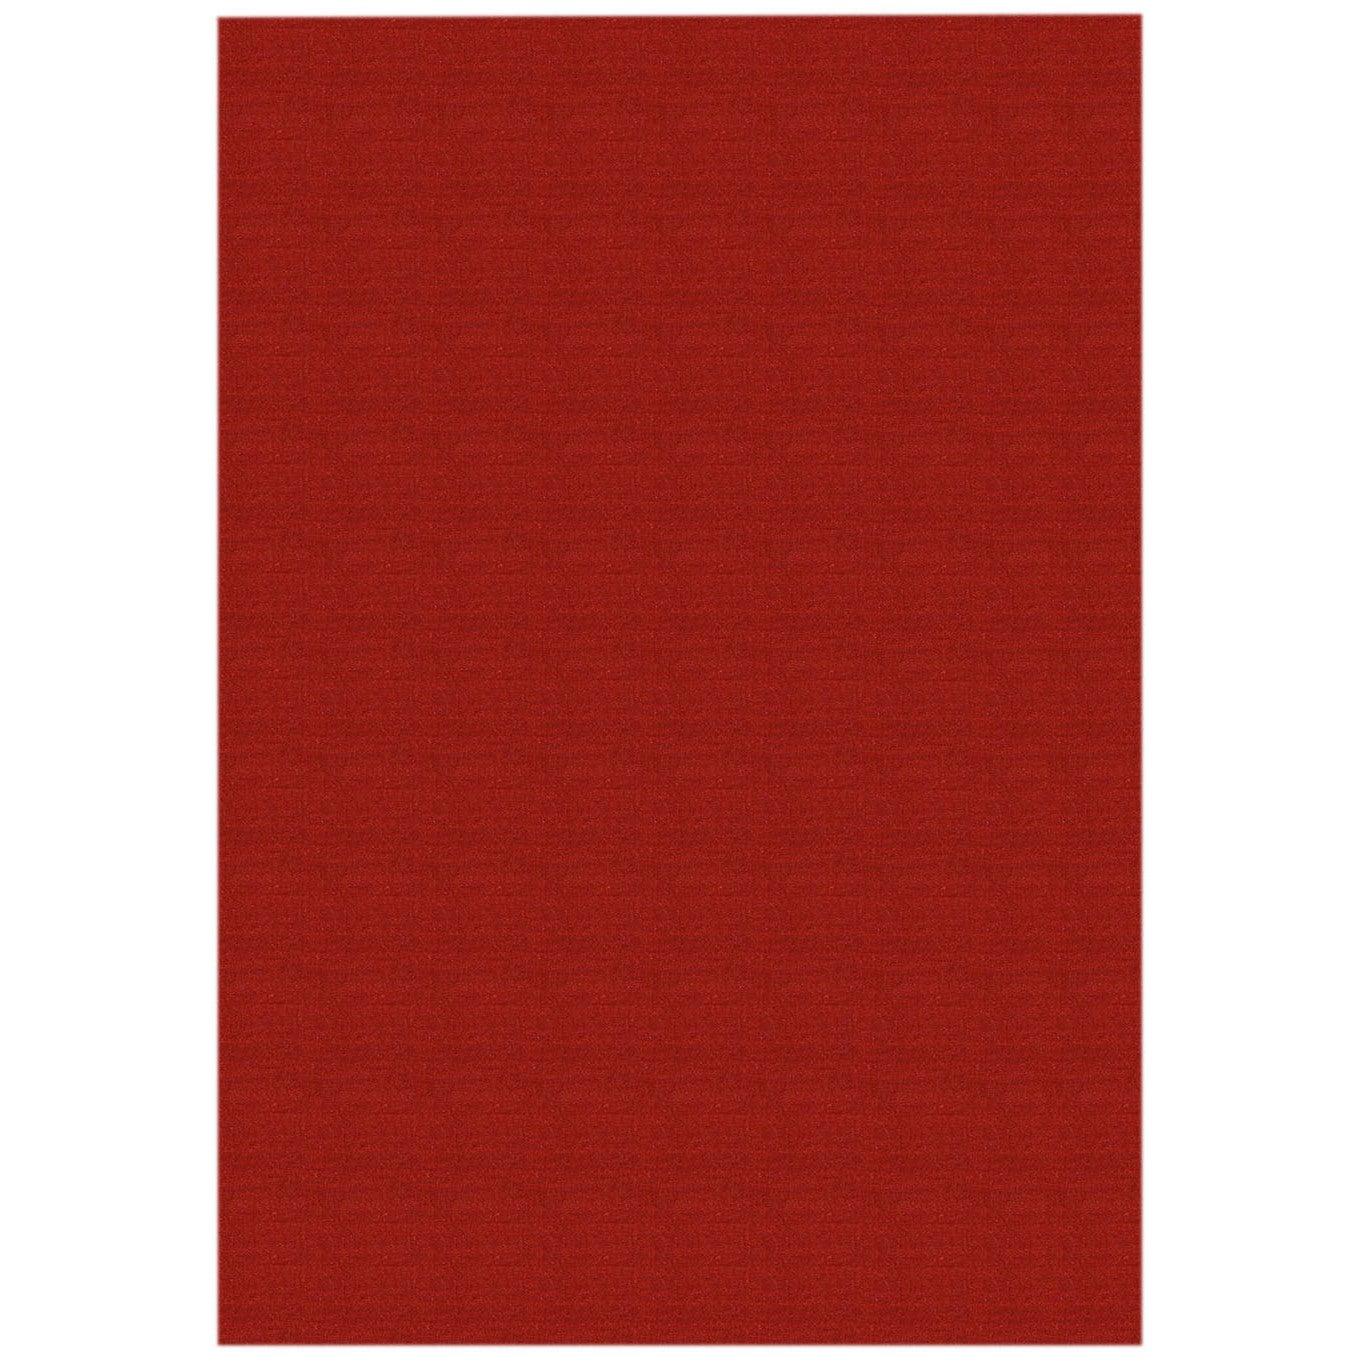 Solid Red Rubber Back Non-Slip Door Mat Rug (1'6 x 2'6) (...